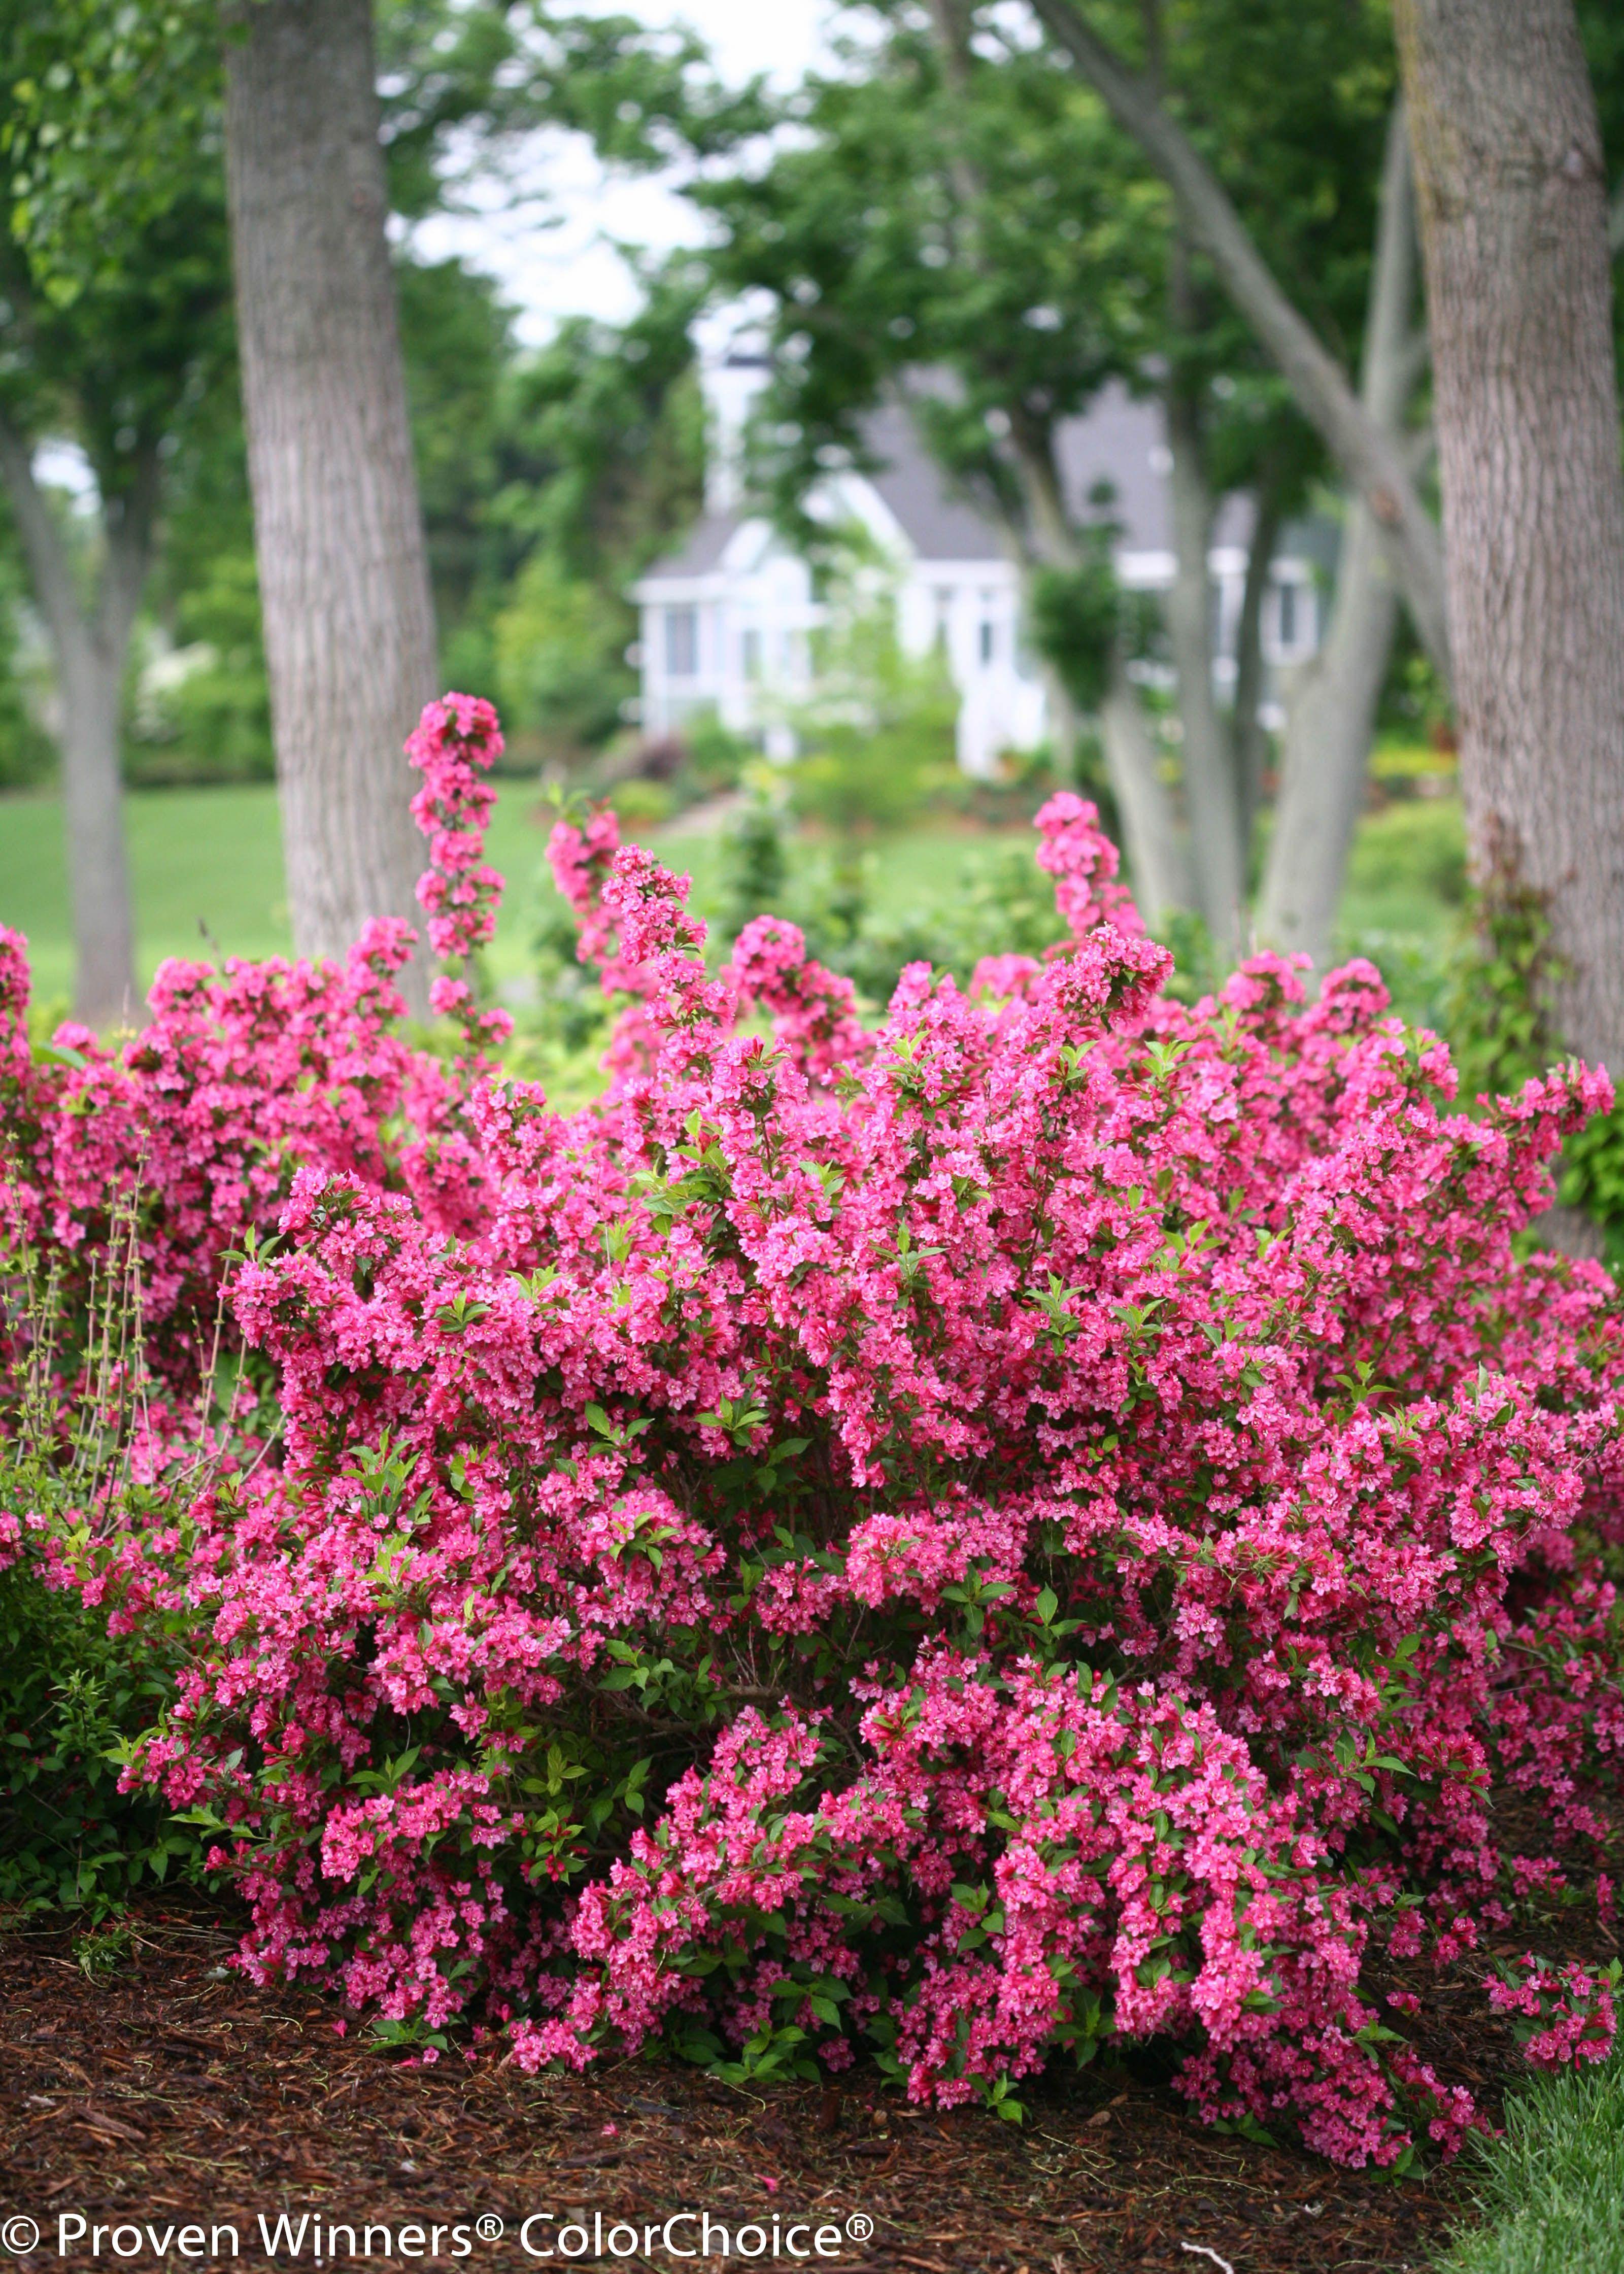 Sonic Bloom 174 Pink Reblooming Weigela Weigela Florida